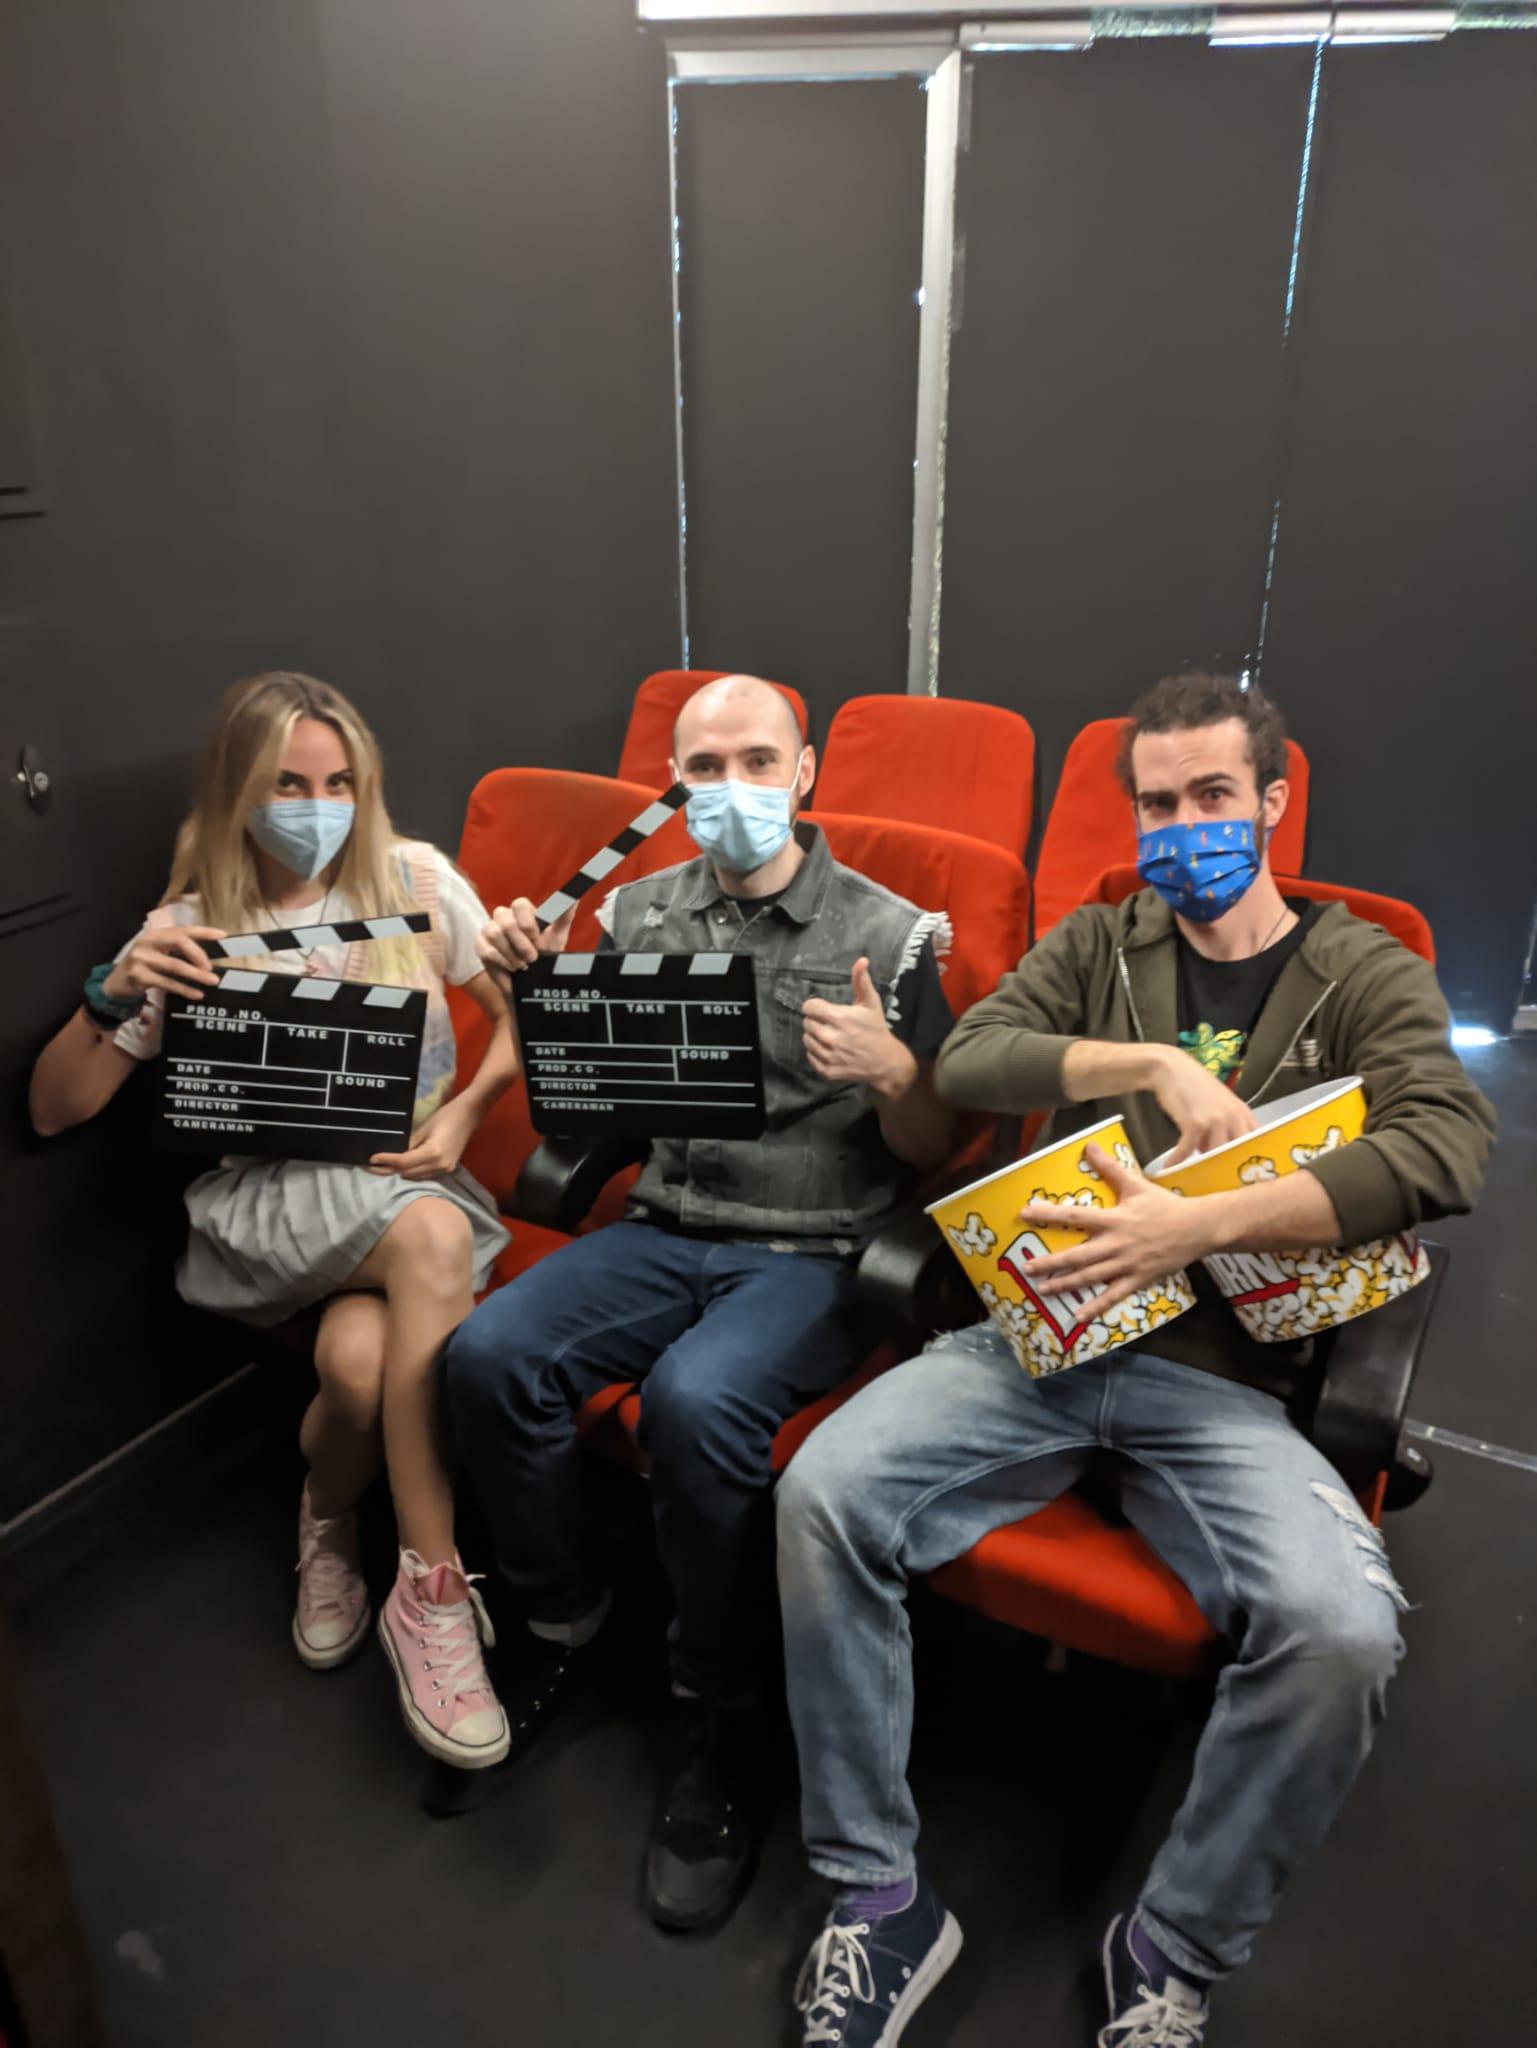 clientes en una escape room con mascarilla